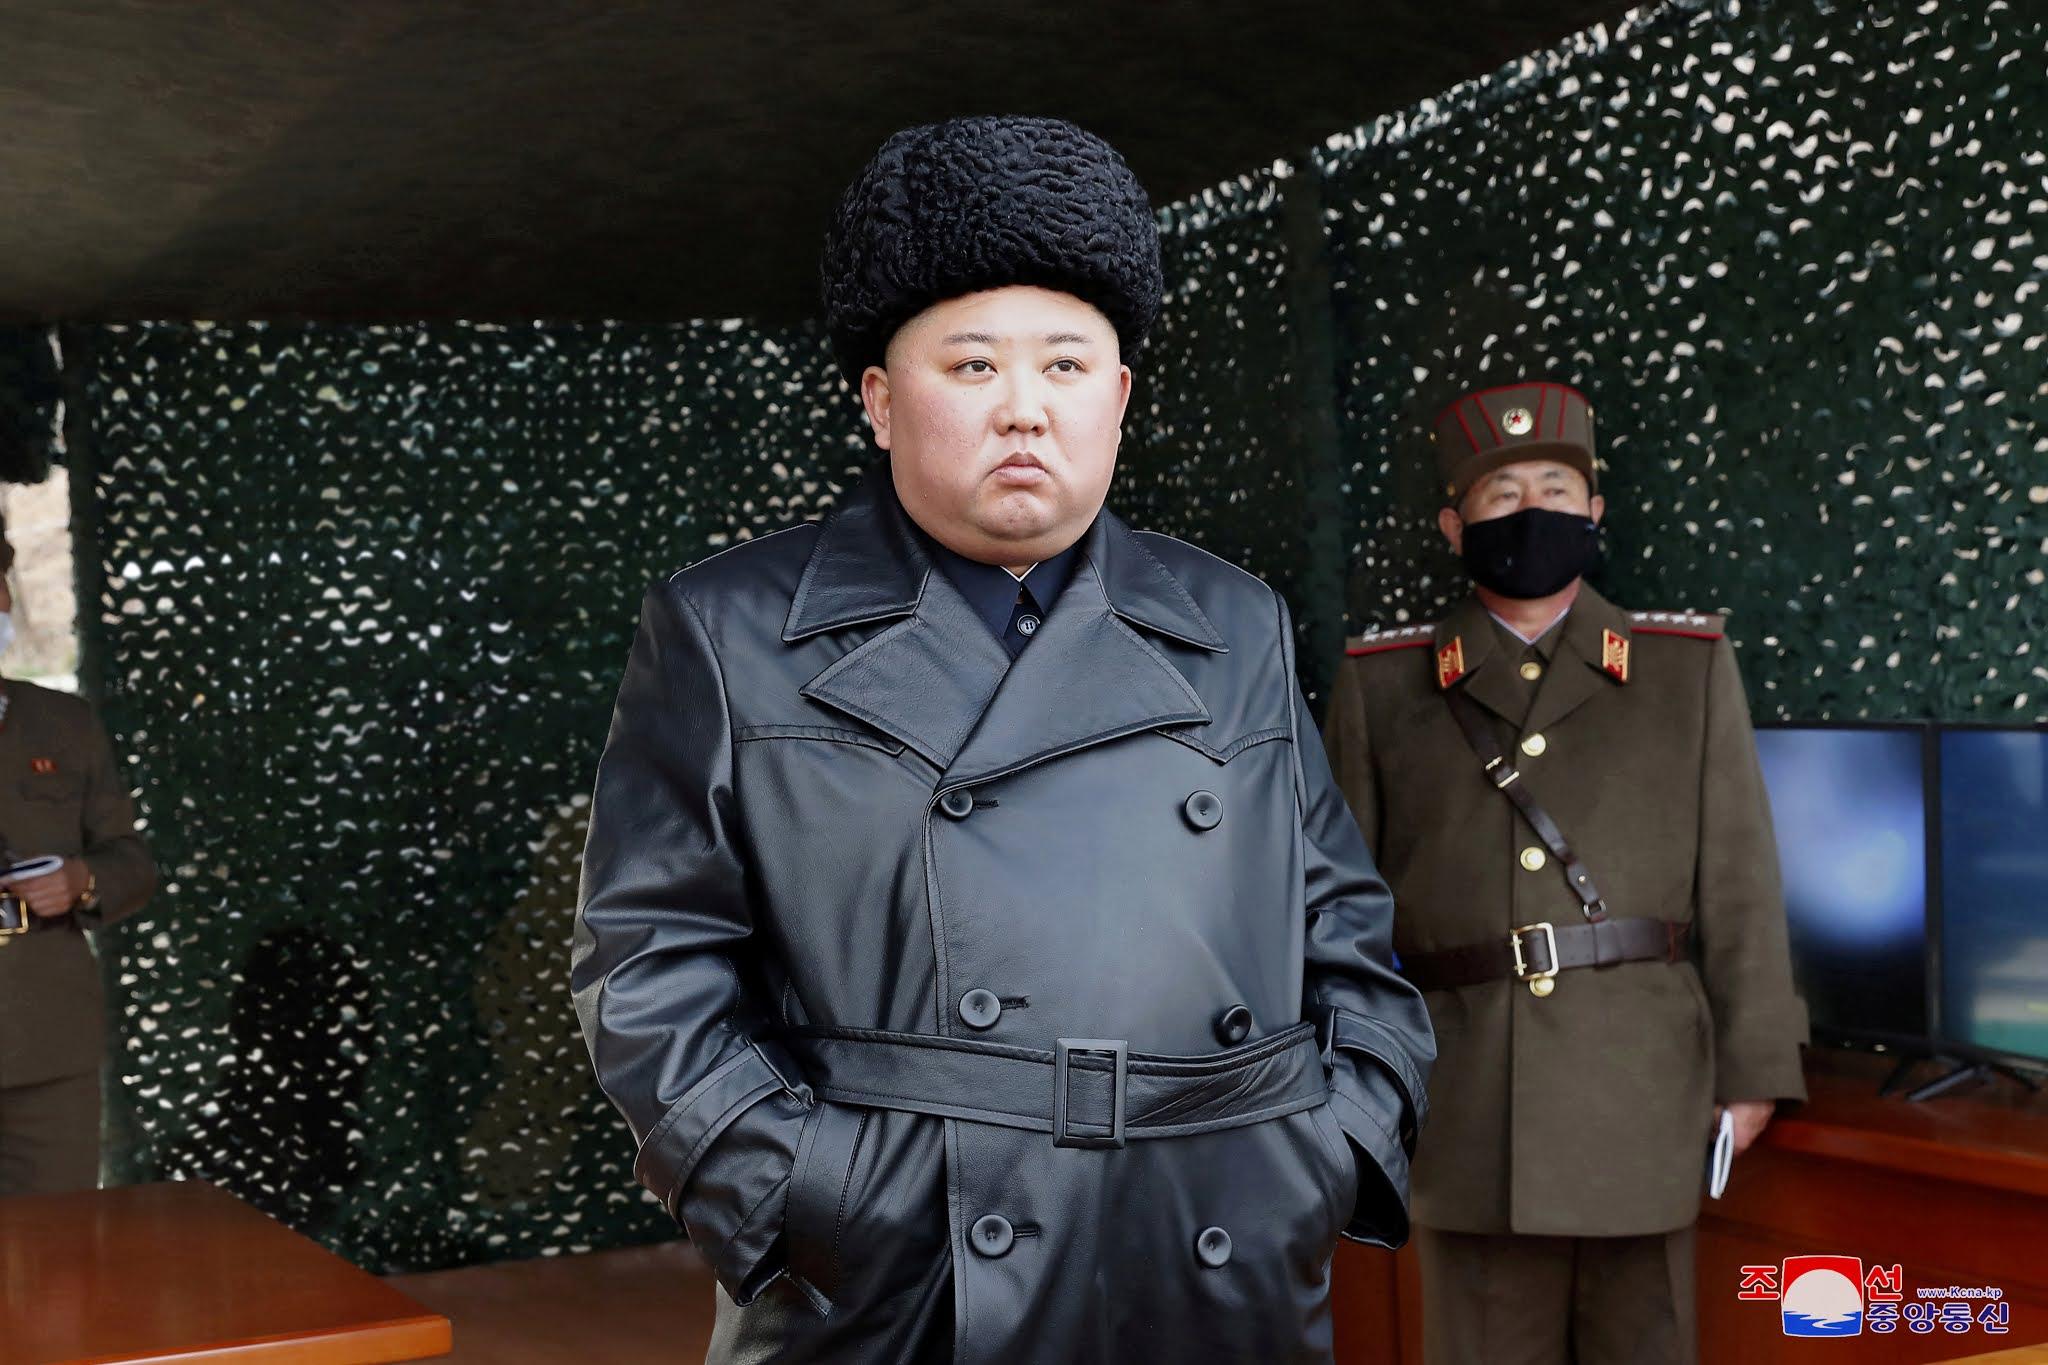 El régimen de Pyongyang castigó a un adolescente por mirar pornografía en su casa